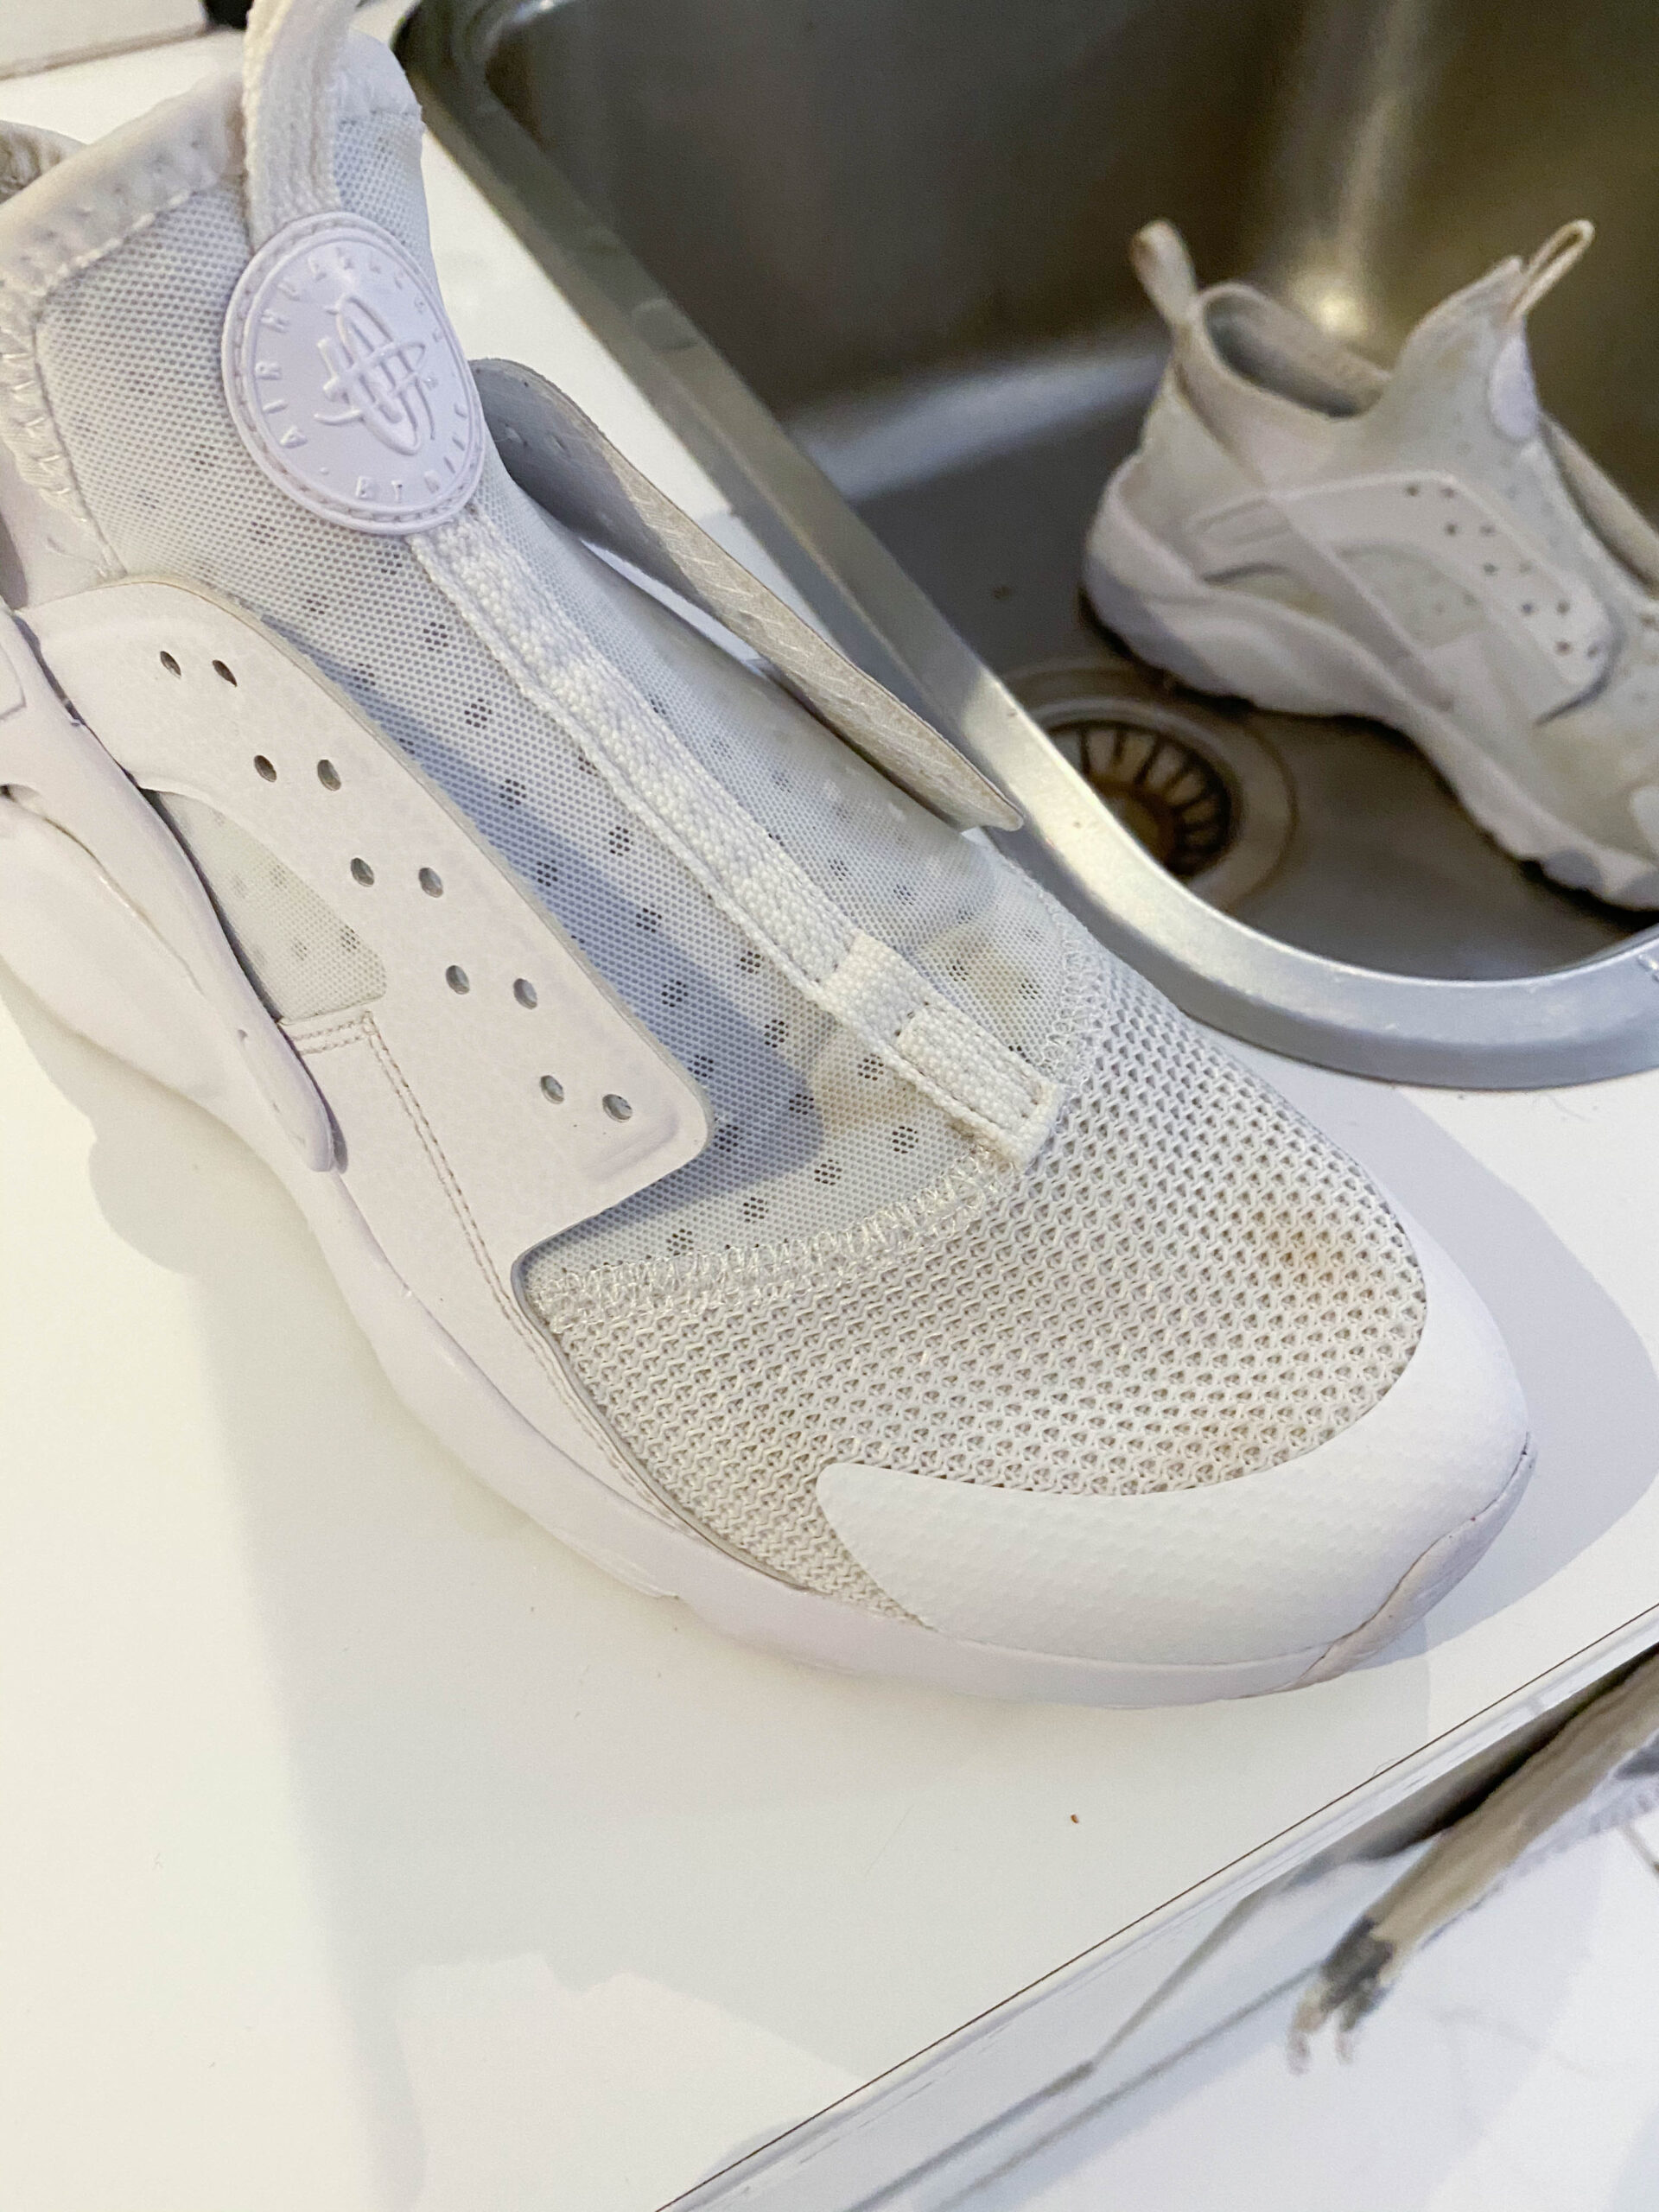 Valkoiset Kengät Puhtaaksi